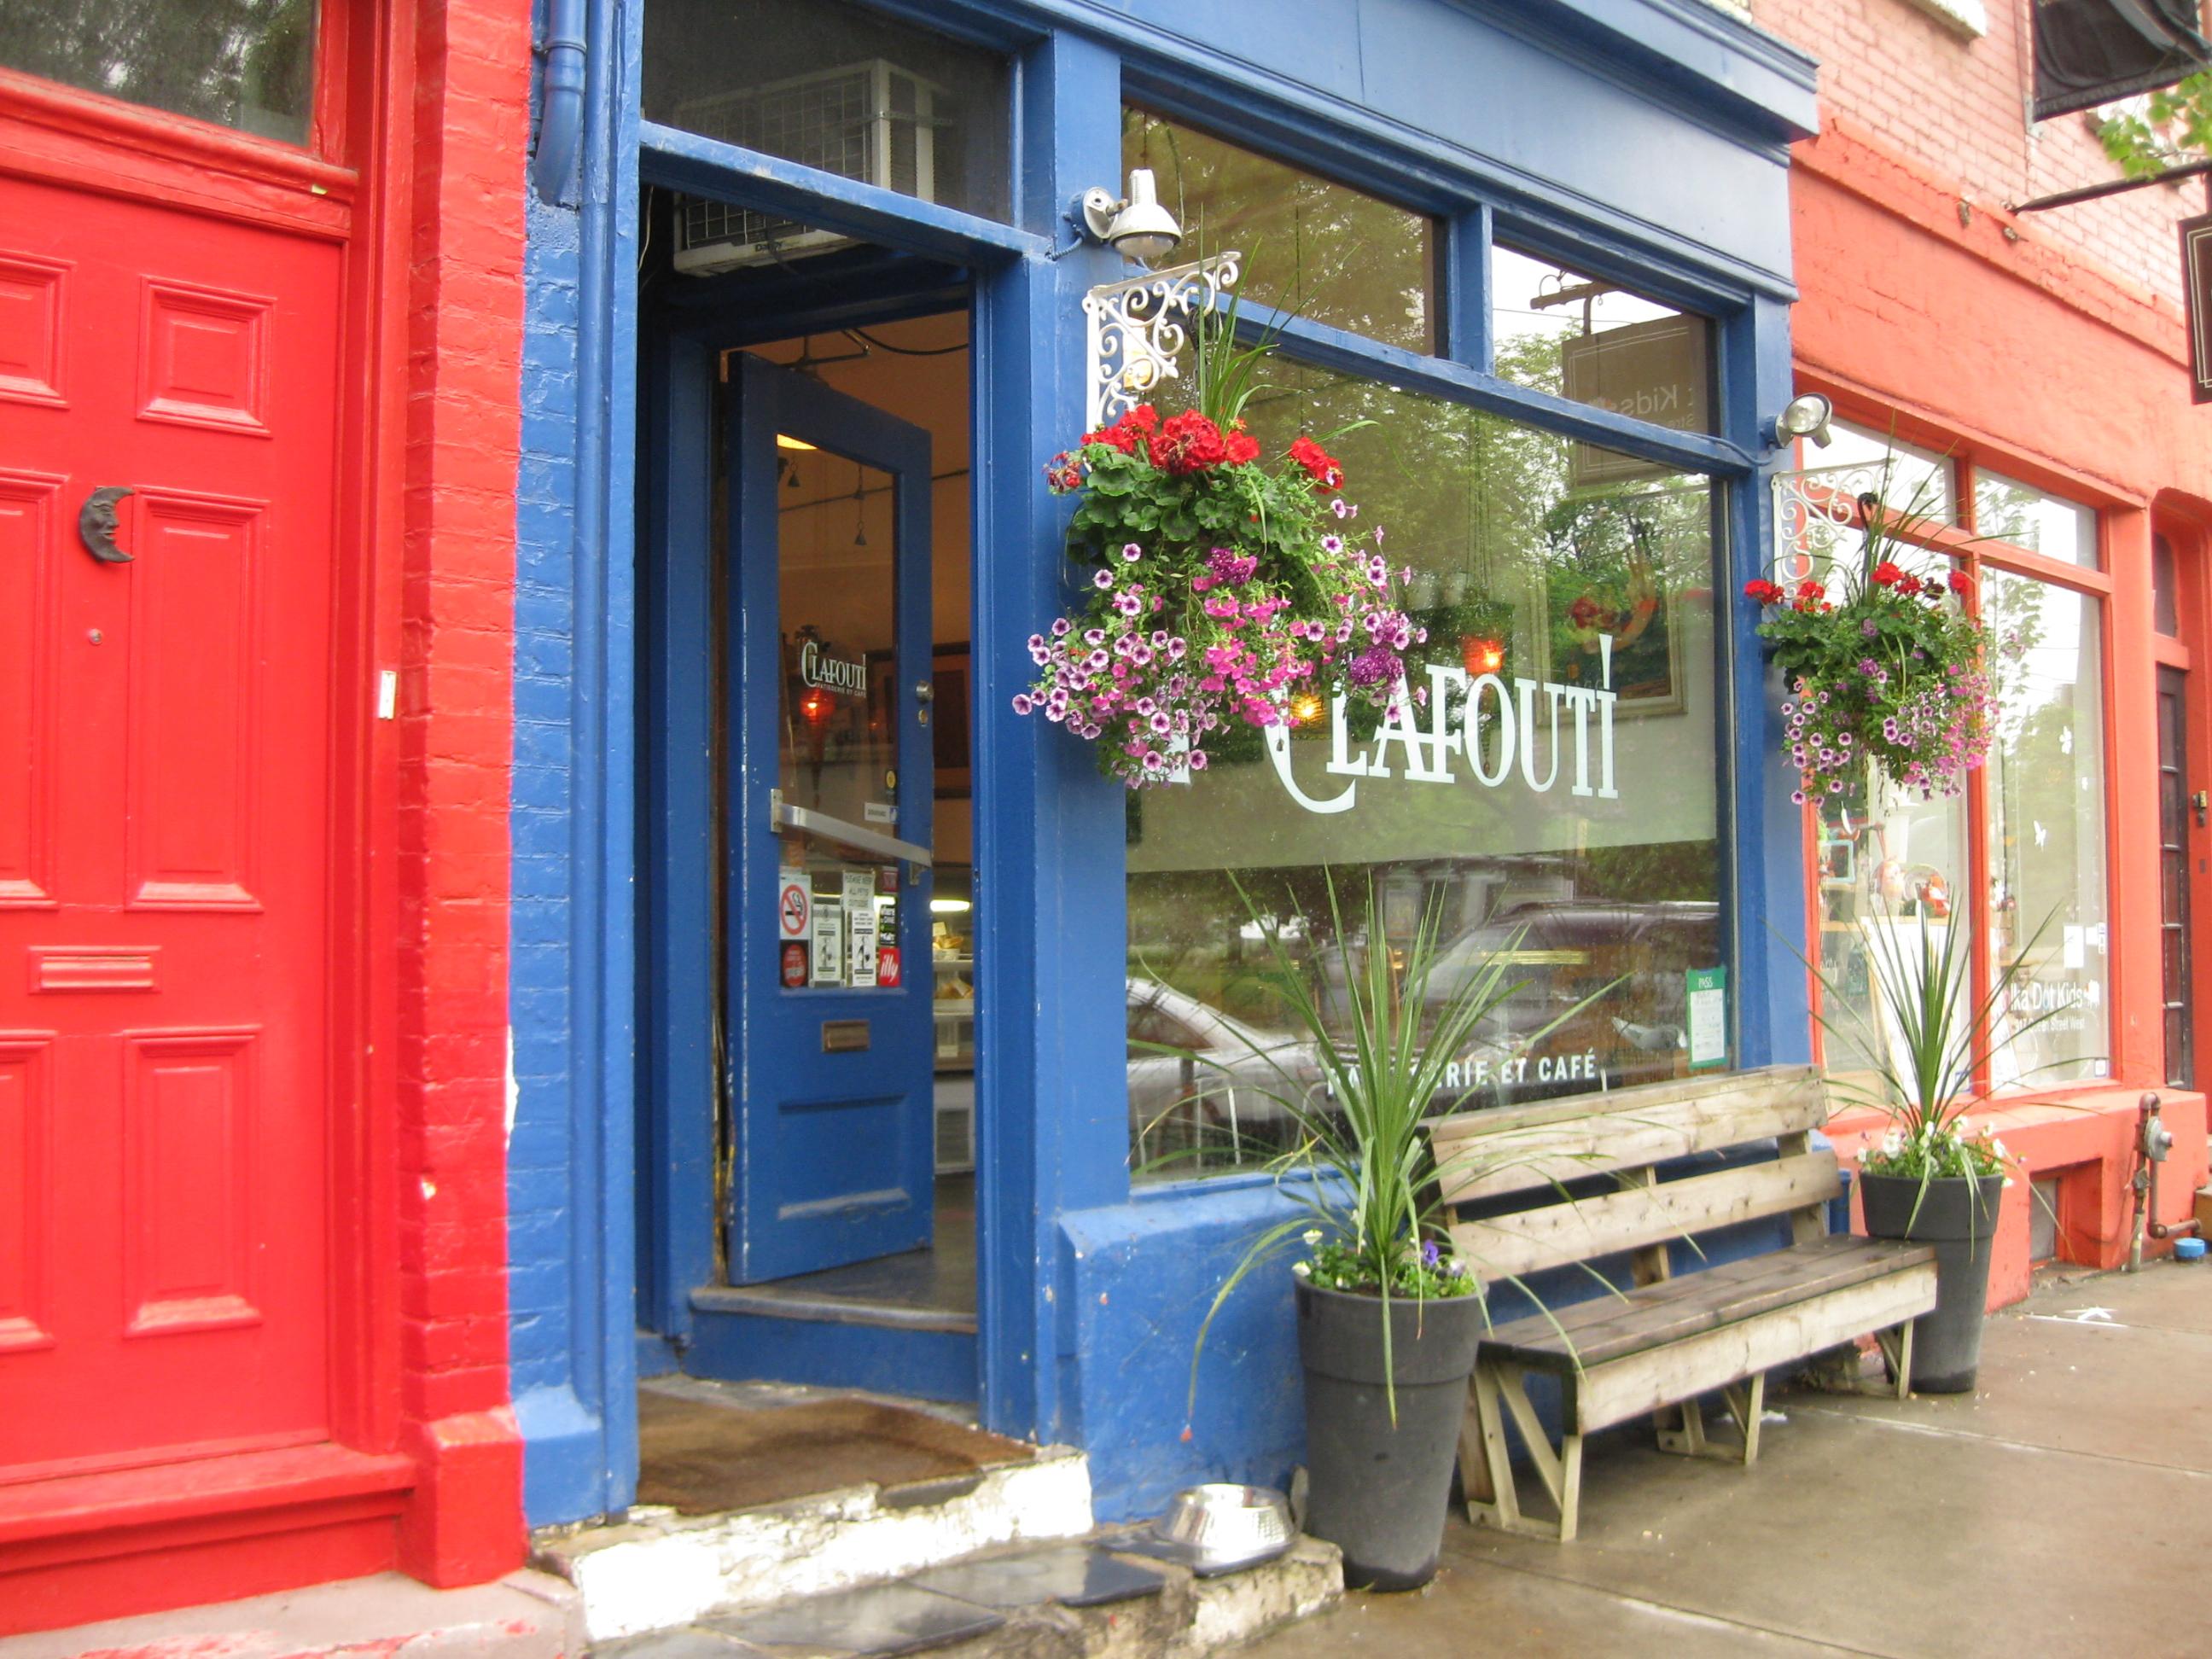 Clafouti, Queen Street West, Queen West, Toronto, Ontario, Canada, Post-Gayborhoods